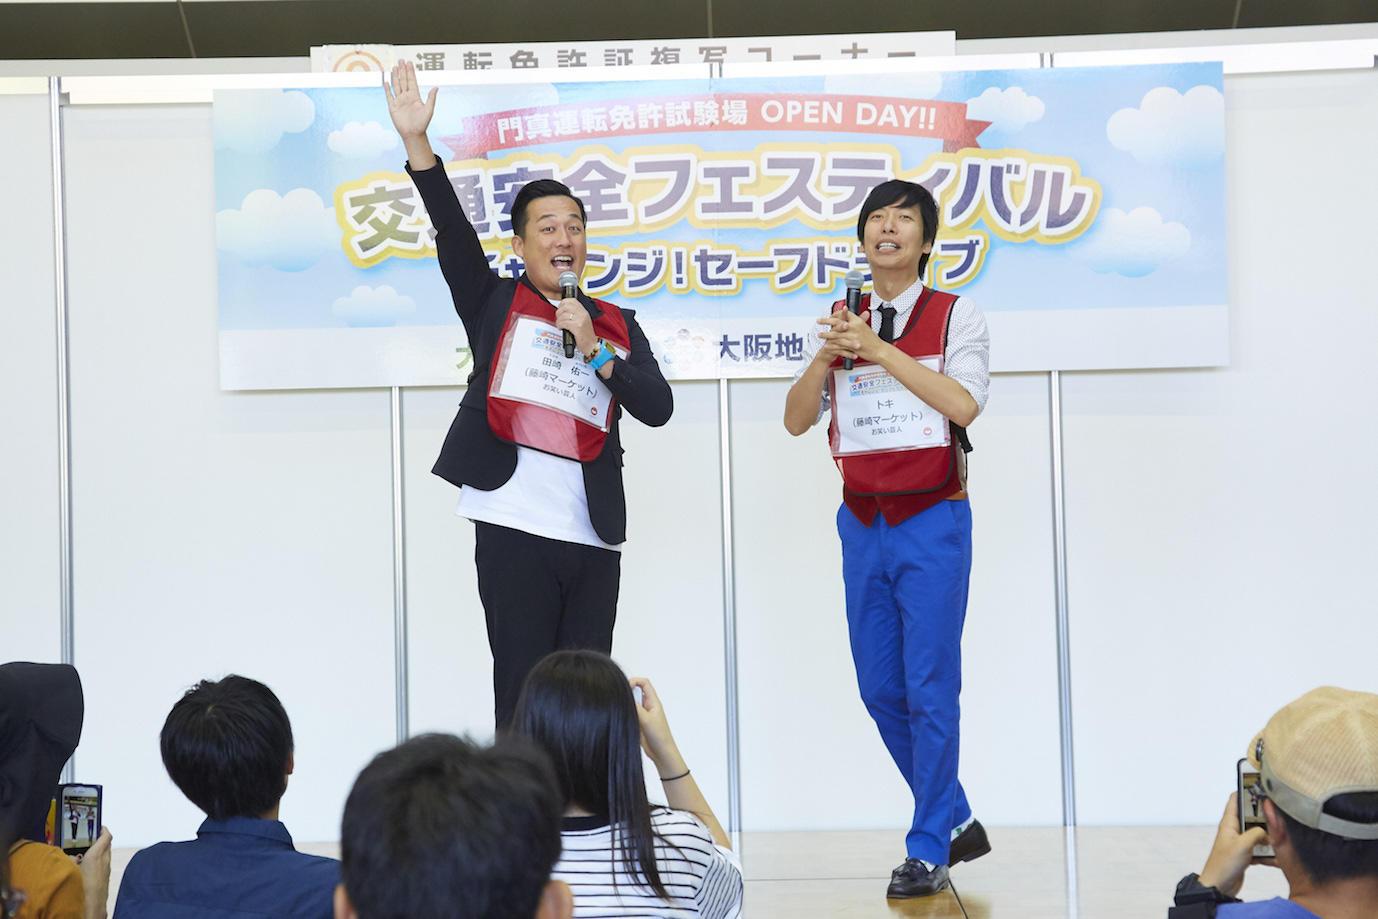 http://news.yoshimoto.co.jp/20181012085815-368b99cf69ffb0d761ea8da8dea4125586985d4d.jpg